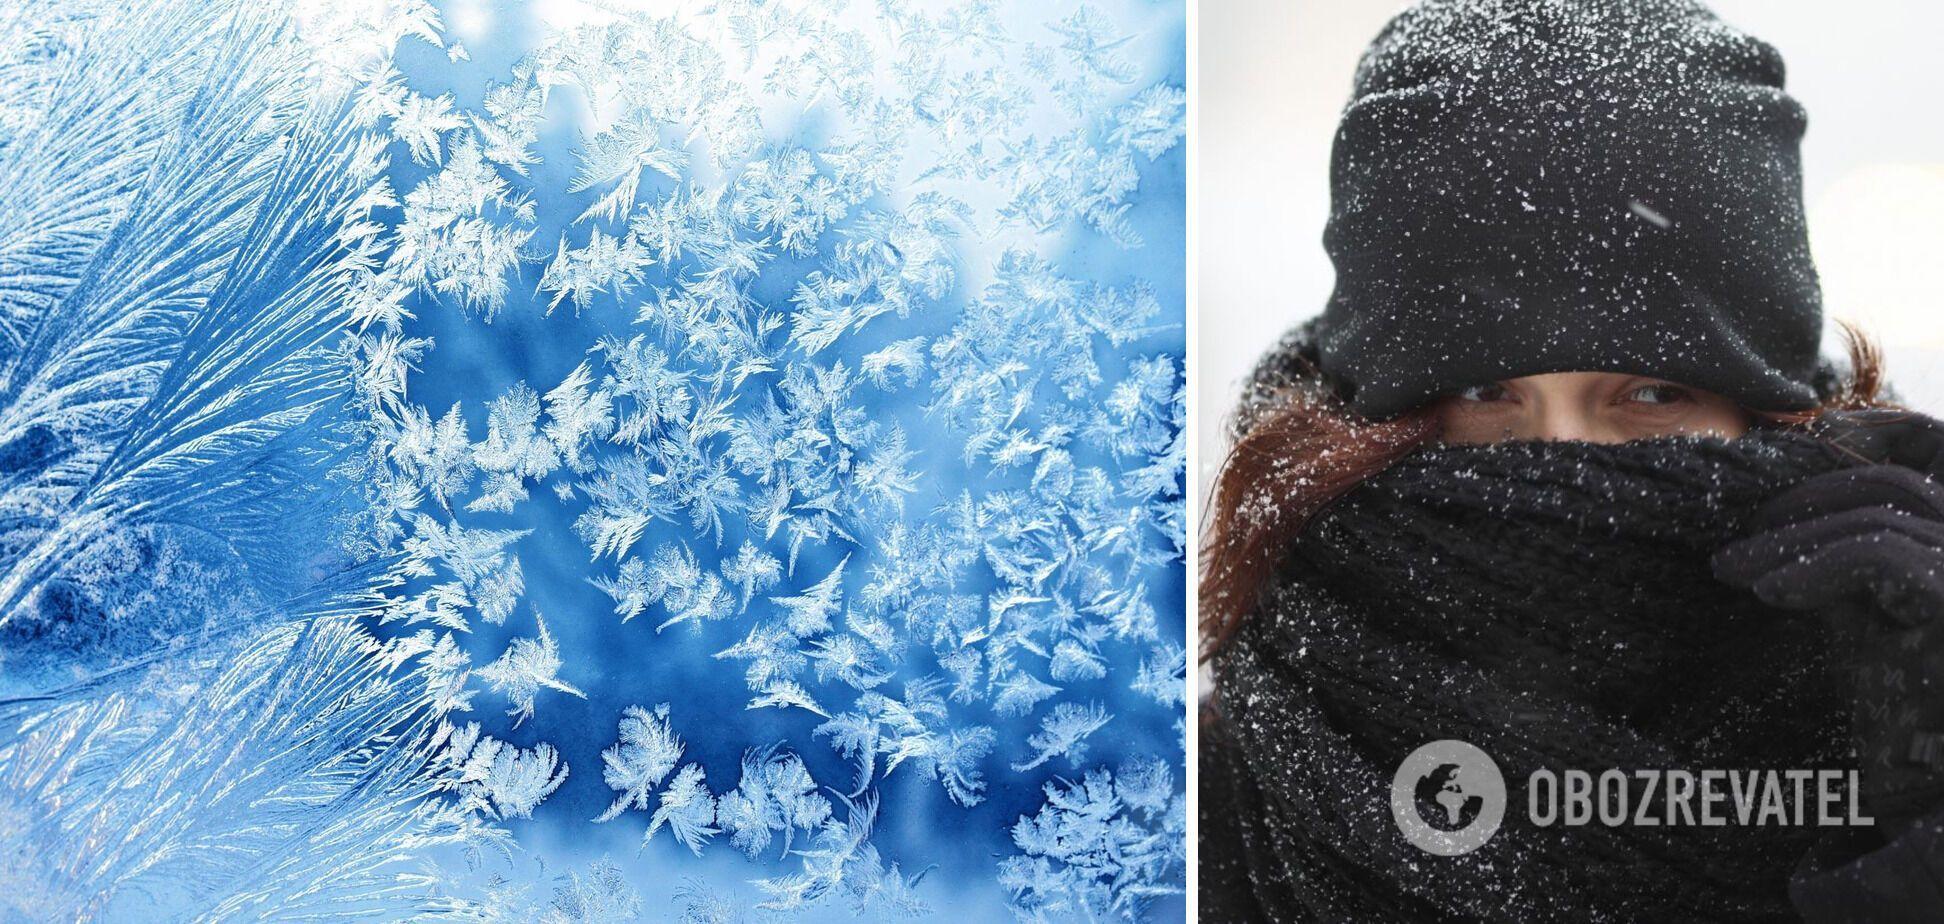 15-18 лютого в Україну прийде сильний мороз